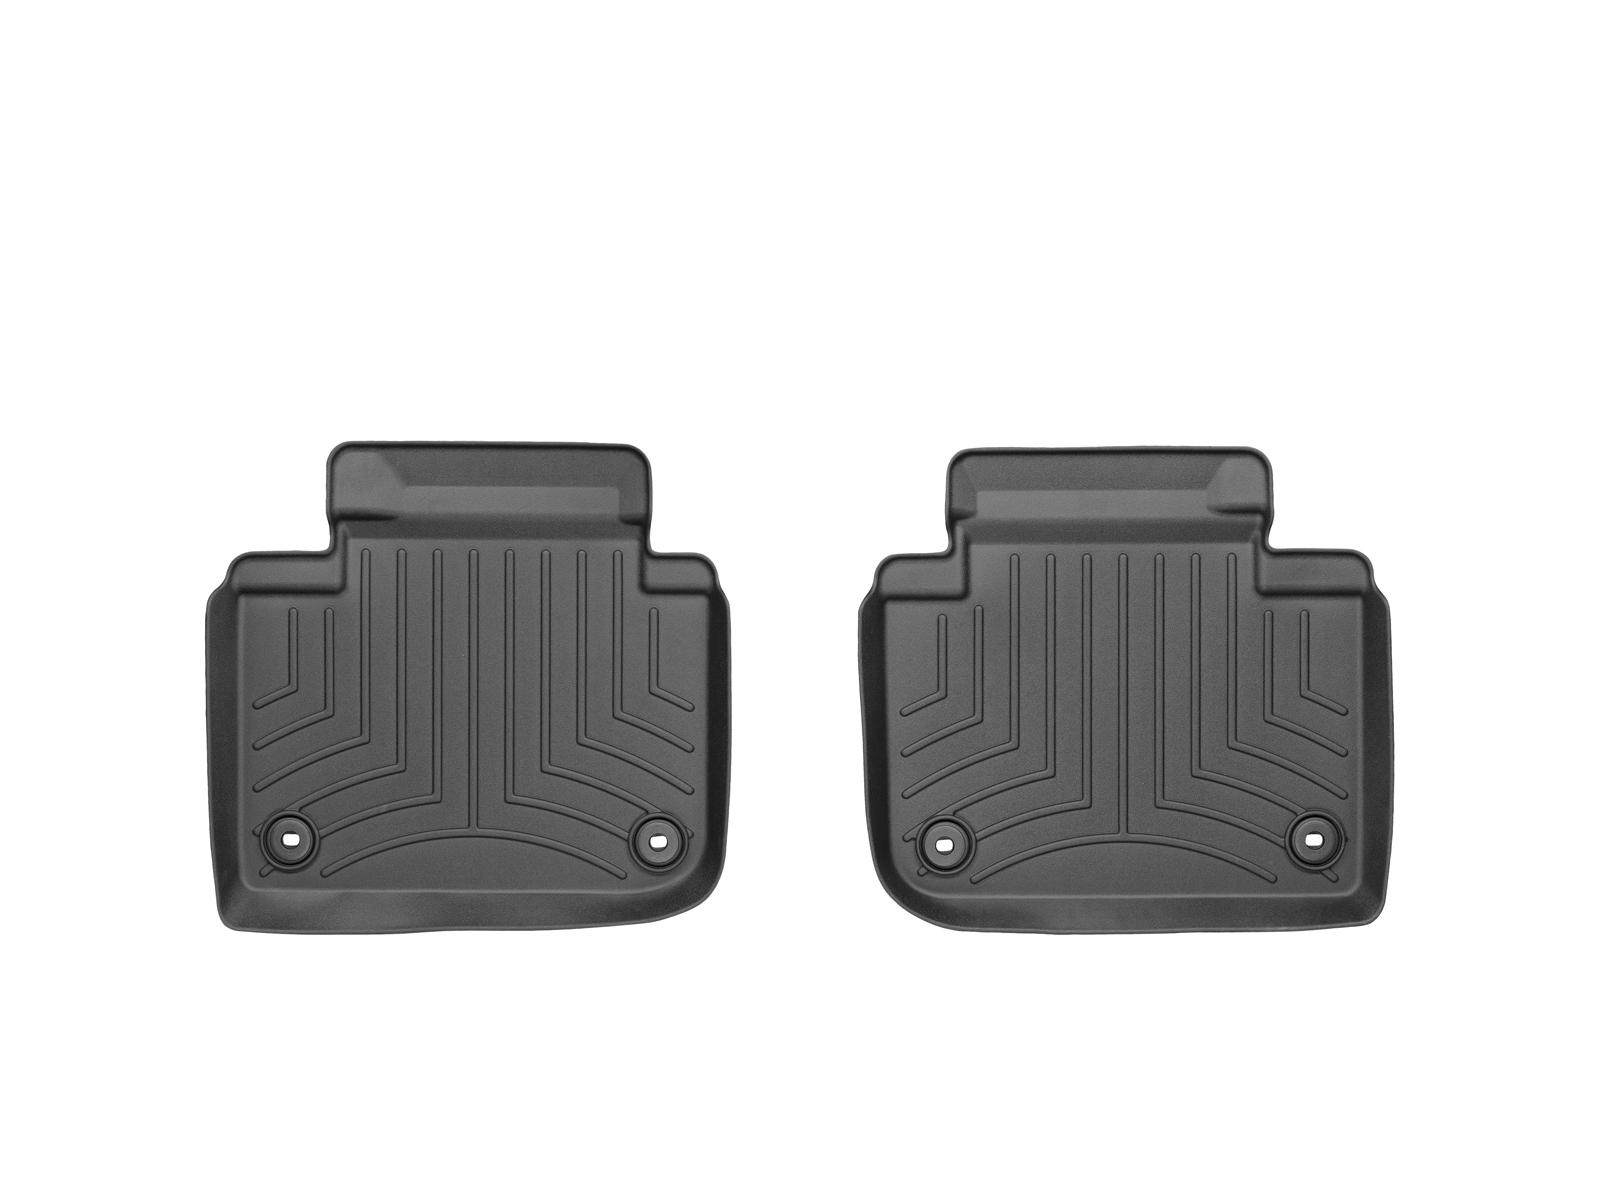 Tappeti gomma su misura bordo alto Lexus GS 12>12 Nero A2016*